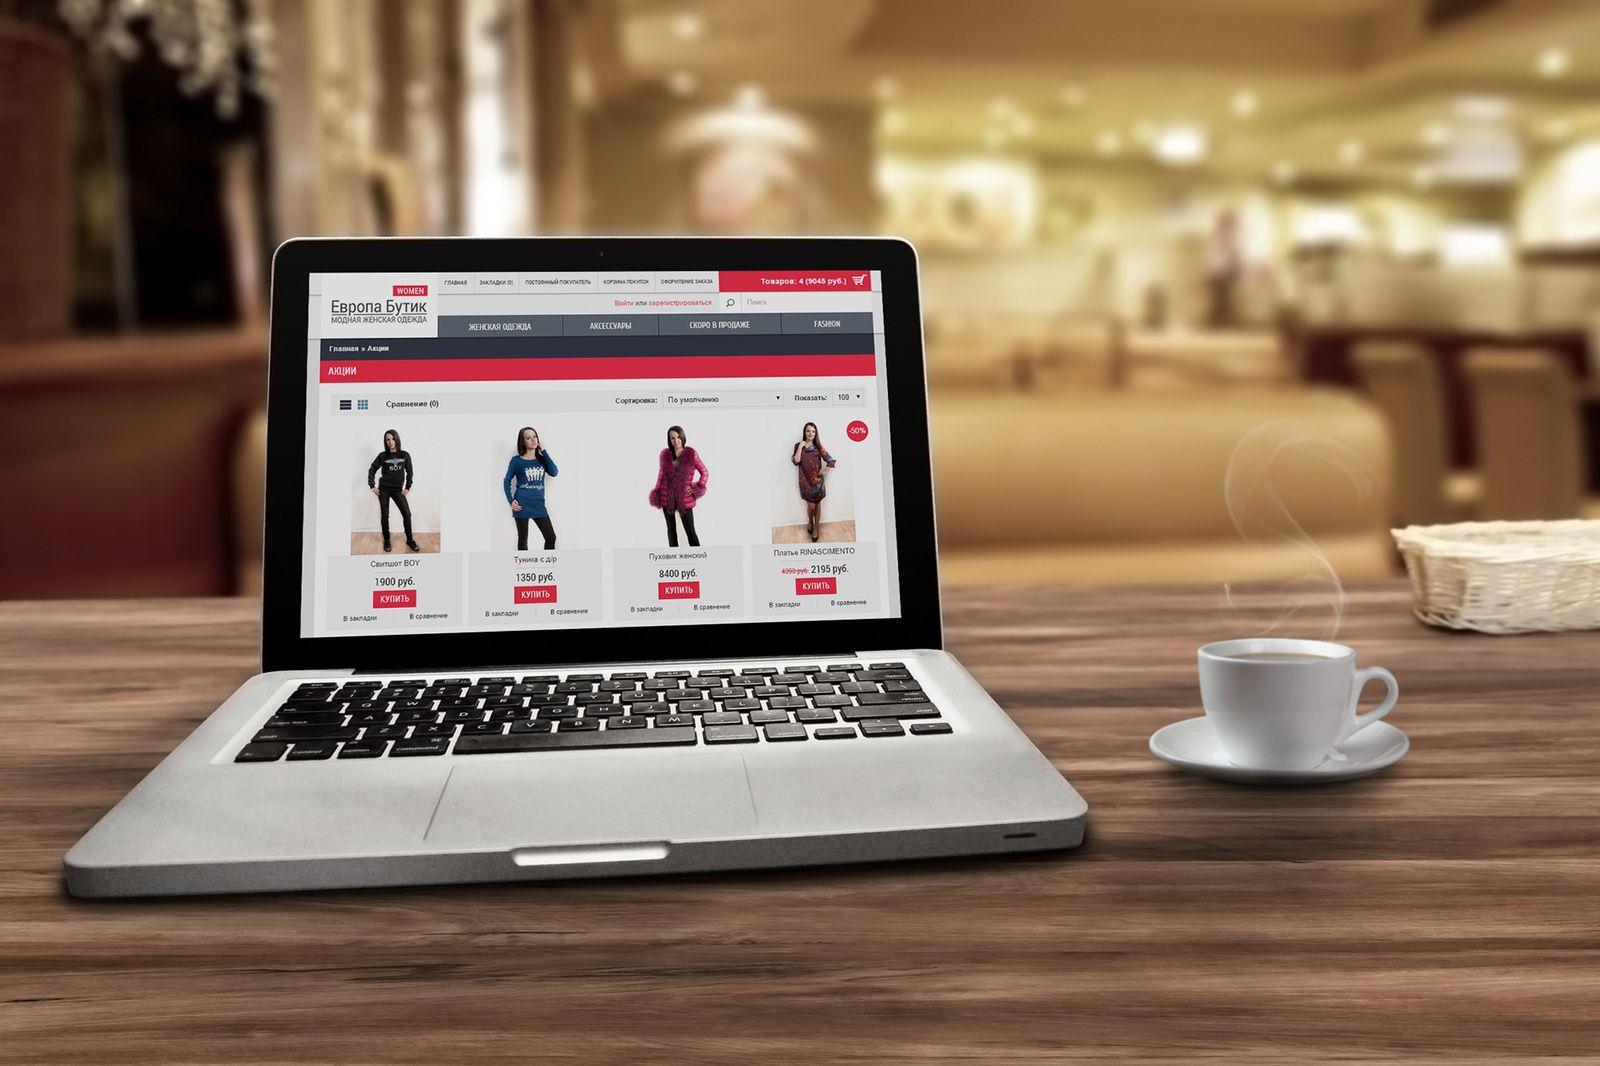 Магазин модной одежды ЕвропаБутик